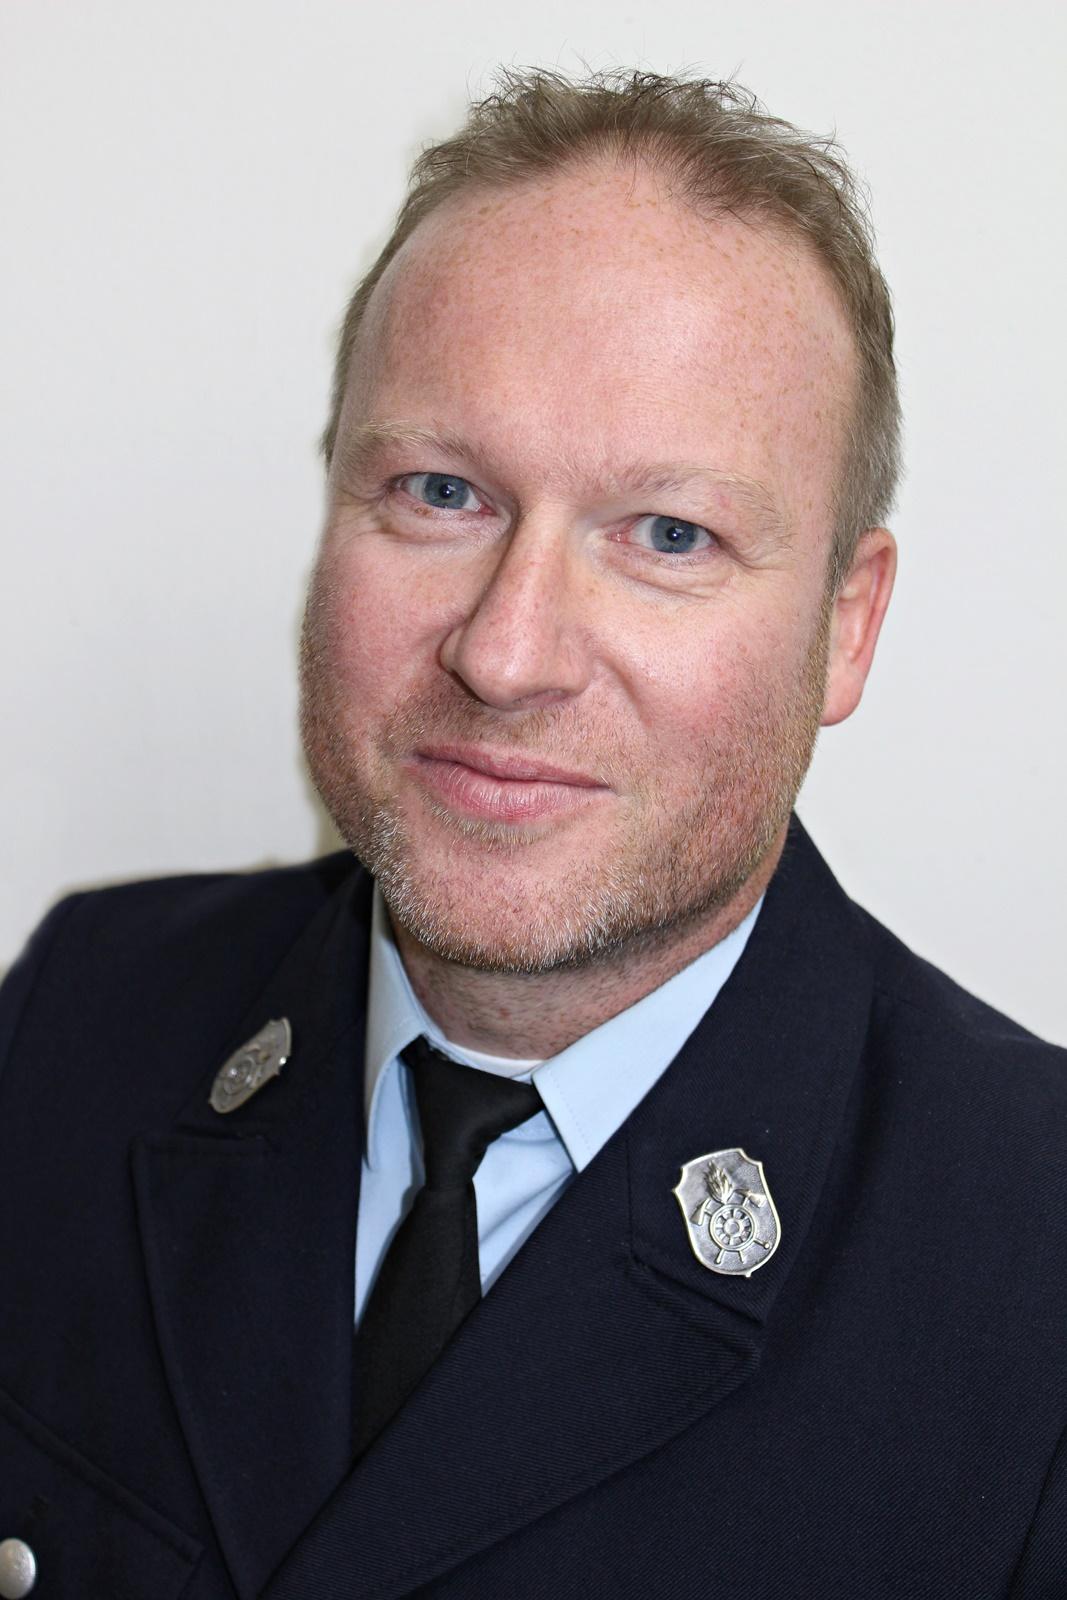 Markus Lippert